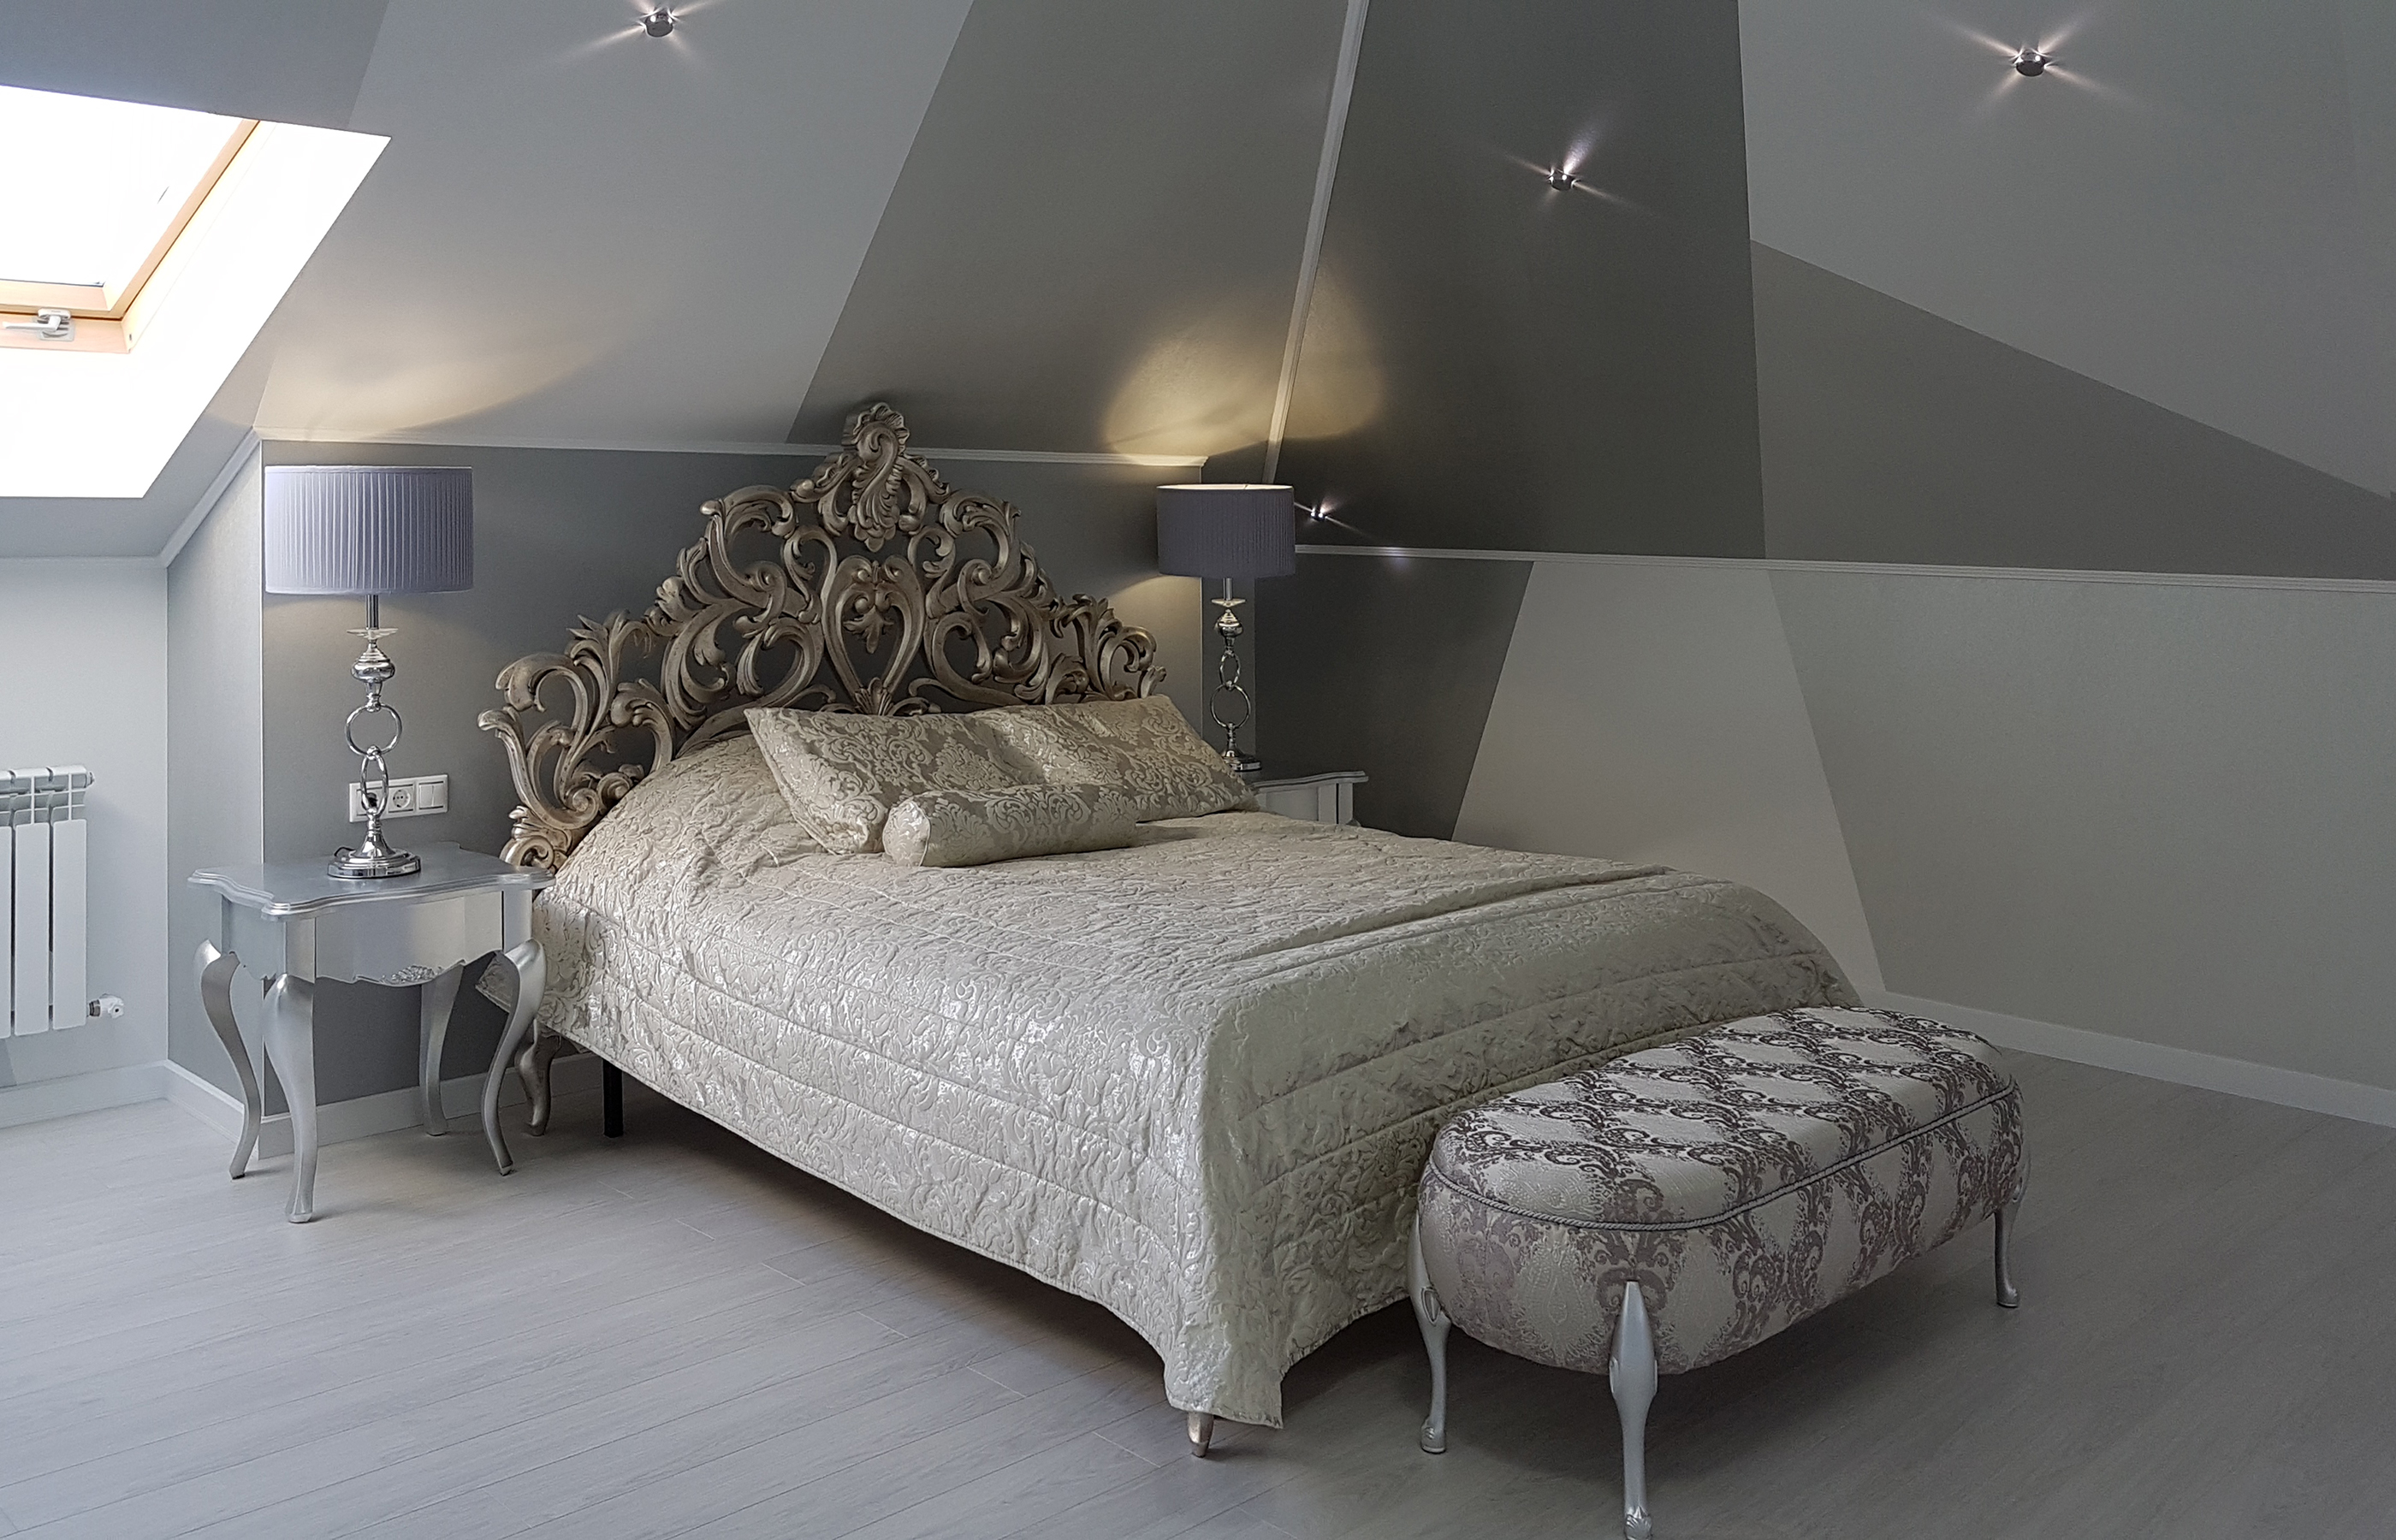 Дизайн интерьера спальни с мансардным потолком